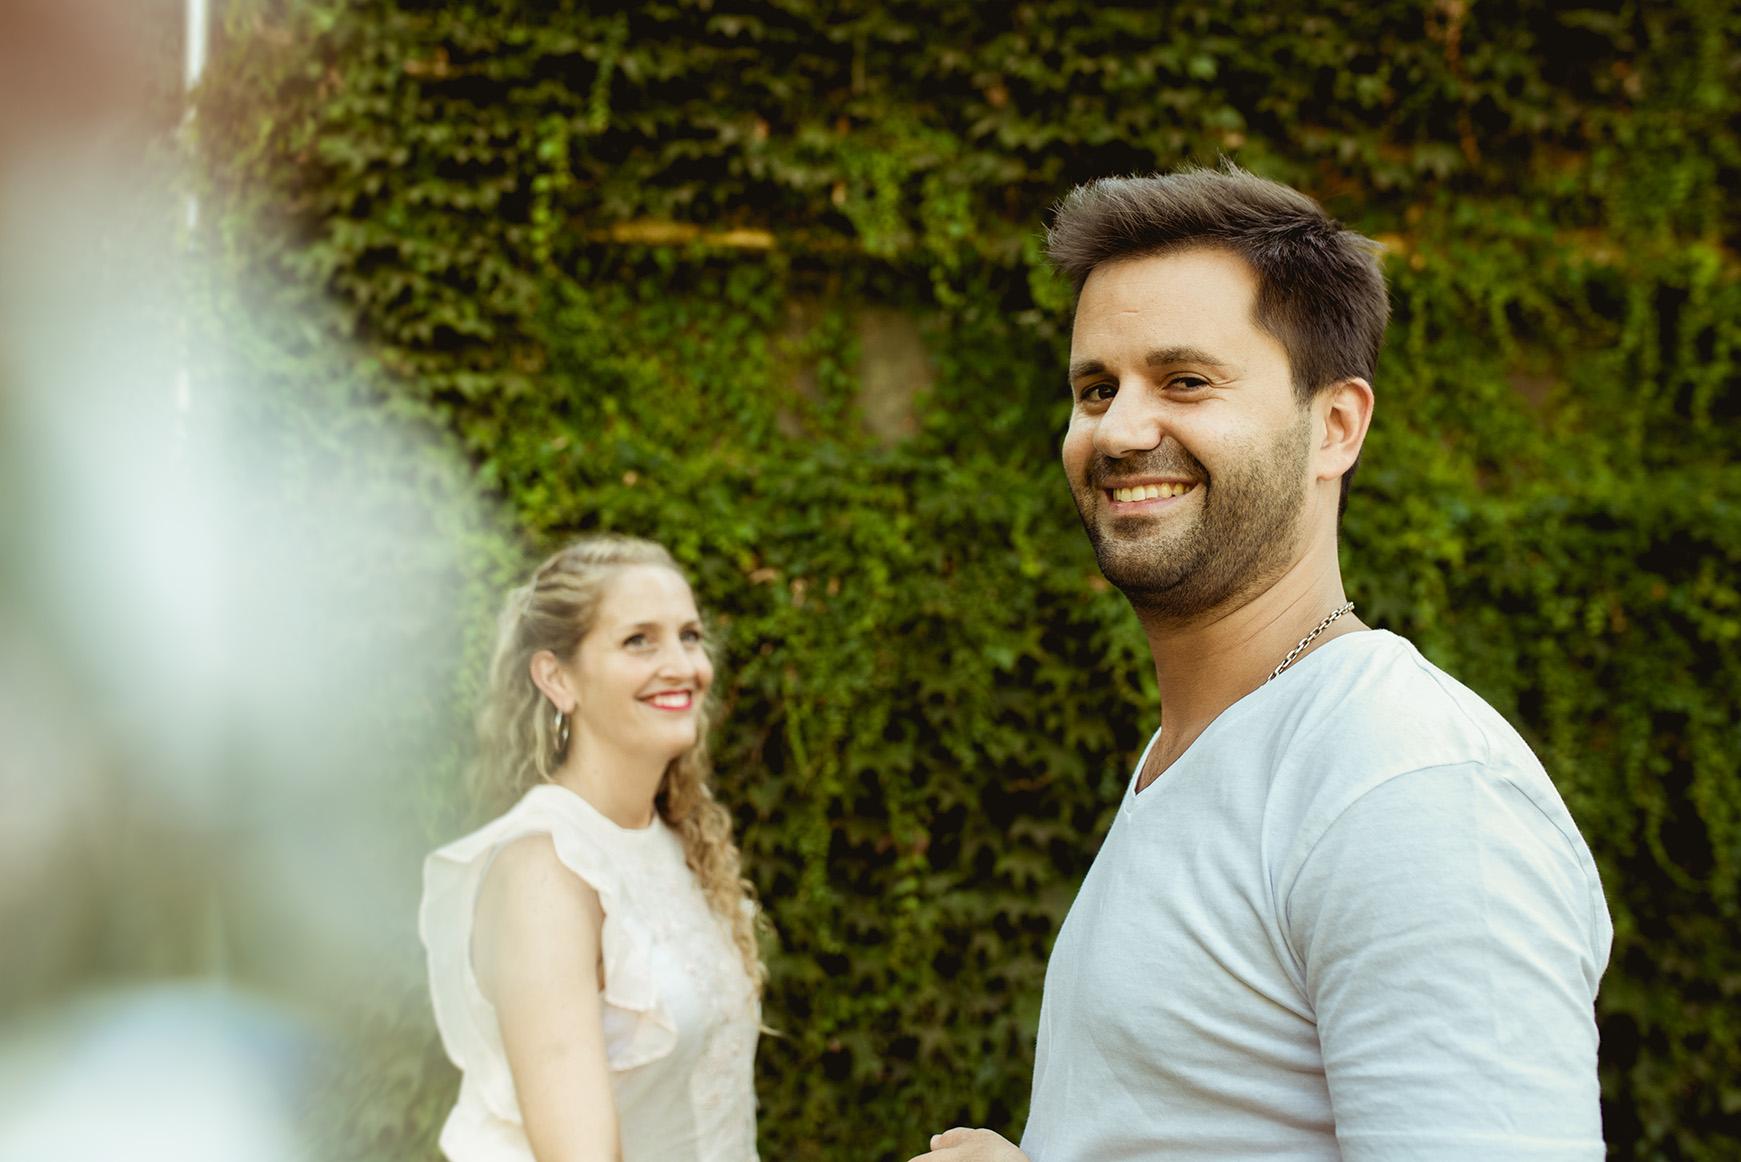 Fotos de la pre boda de Julieta y Martin en Rosario realizadas por Bucle Fotografias Flor Bosio y Caro Clerici